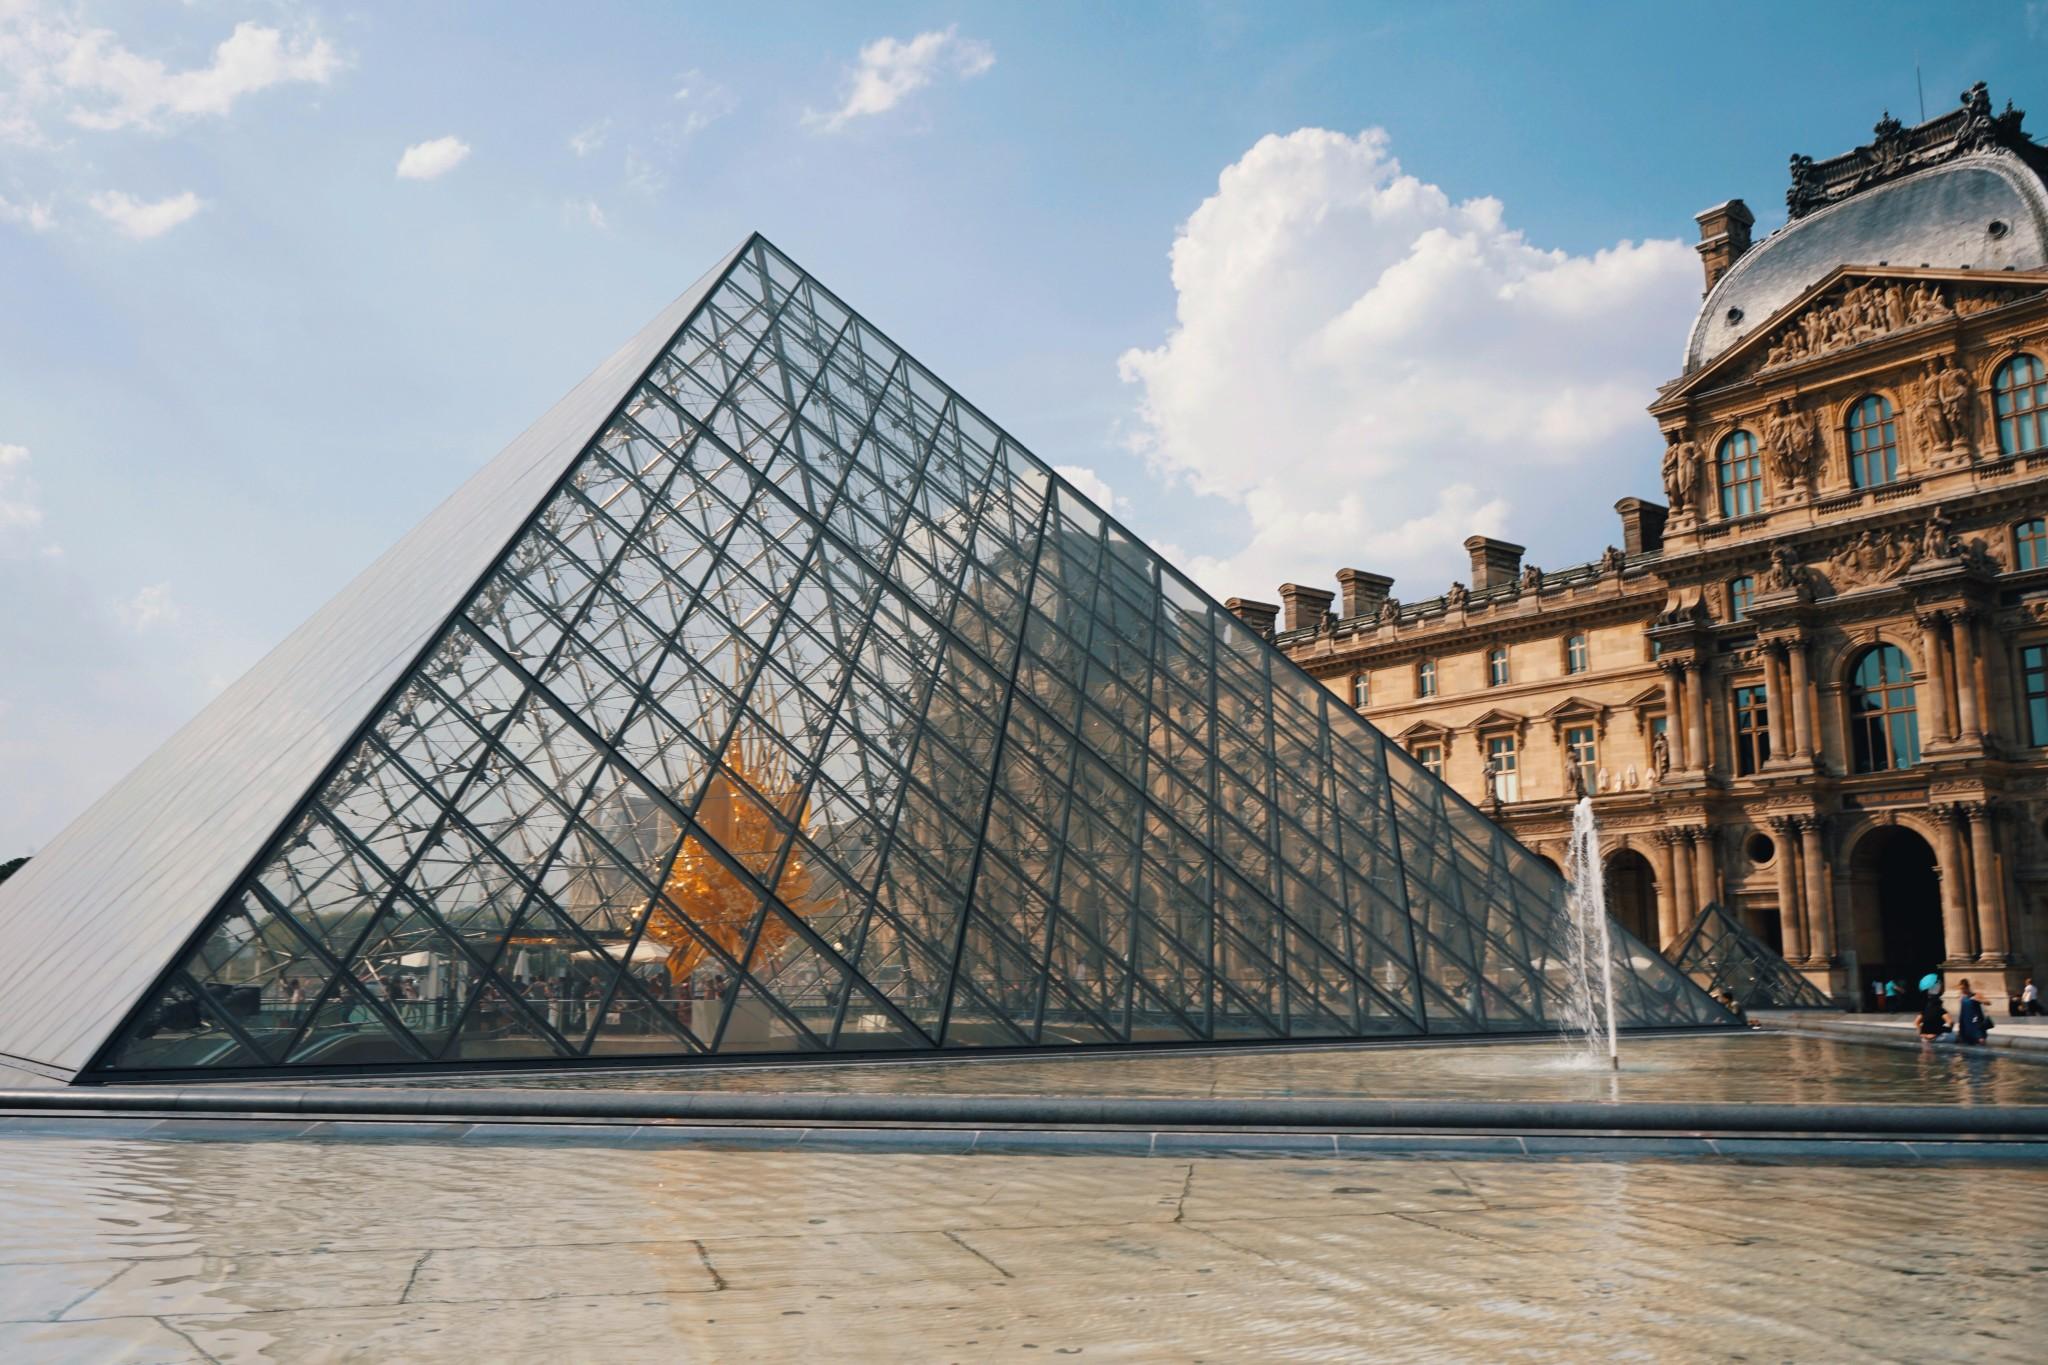 巴黎好玩吗,巴黎七日游玩什么,巴黎七日游玩路线推荐